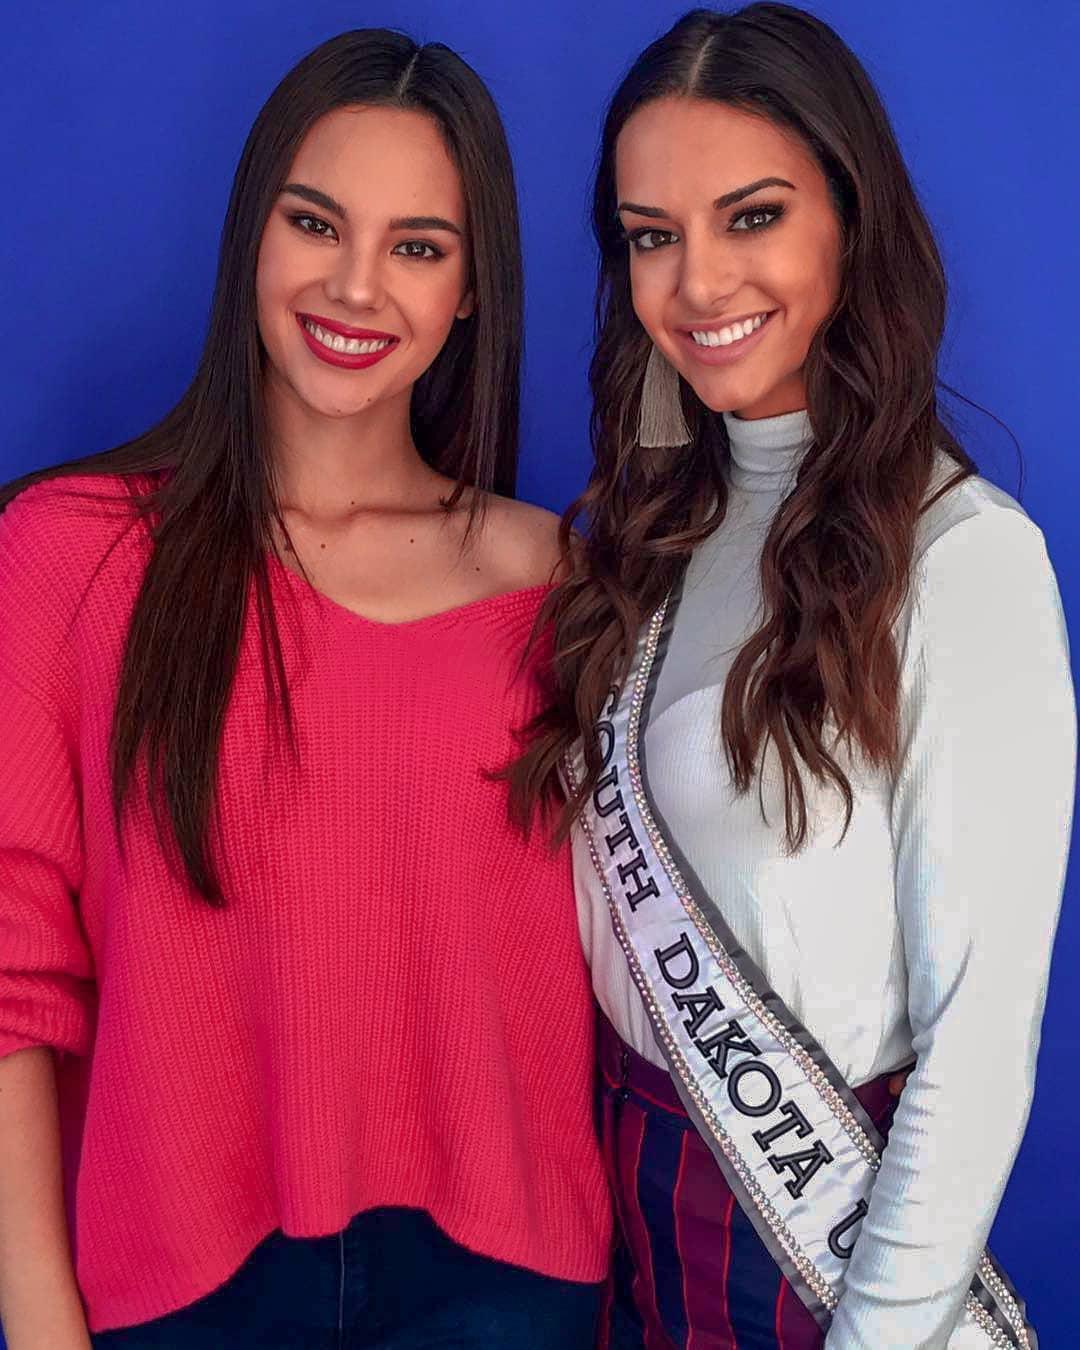 candidatas a miss usa 2019. final: 2 may. - Página 15 Ldvzh327